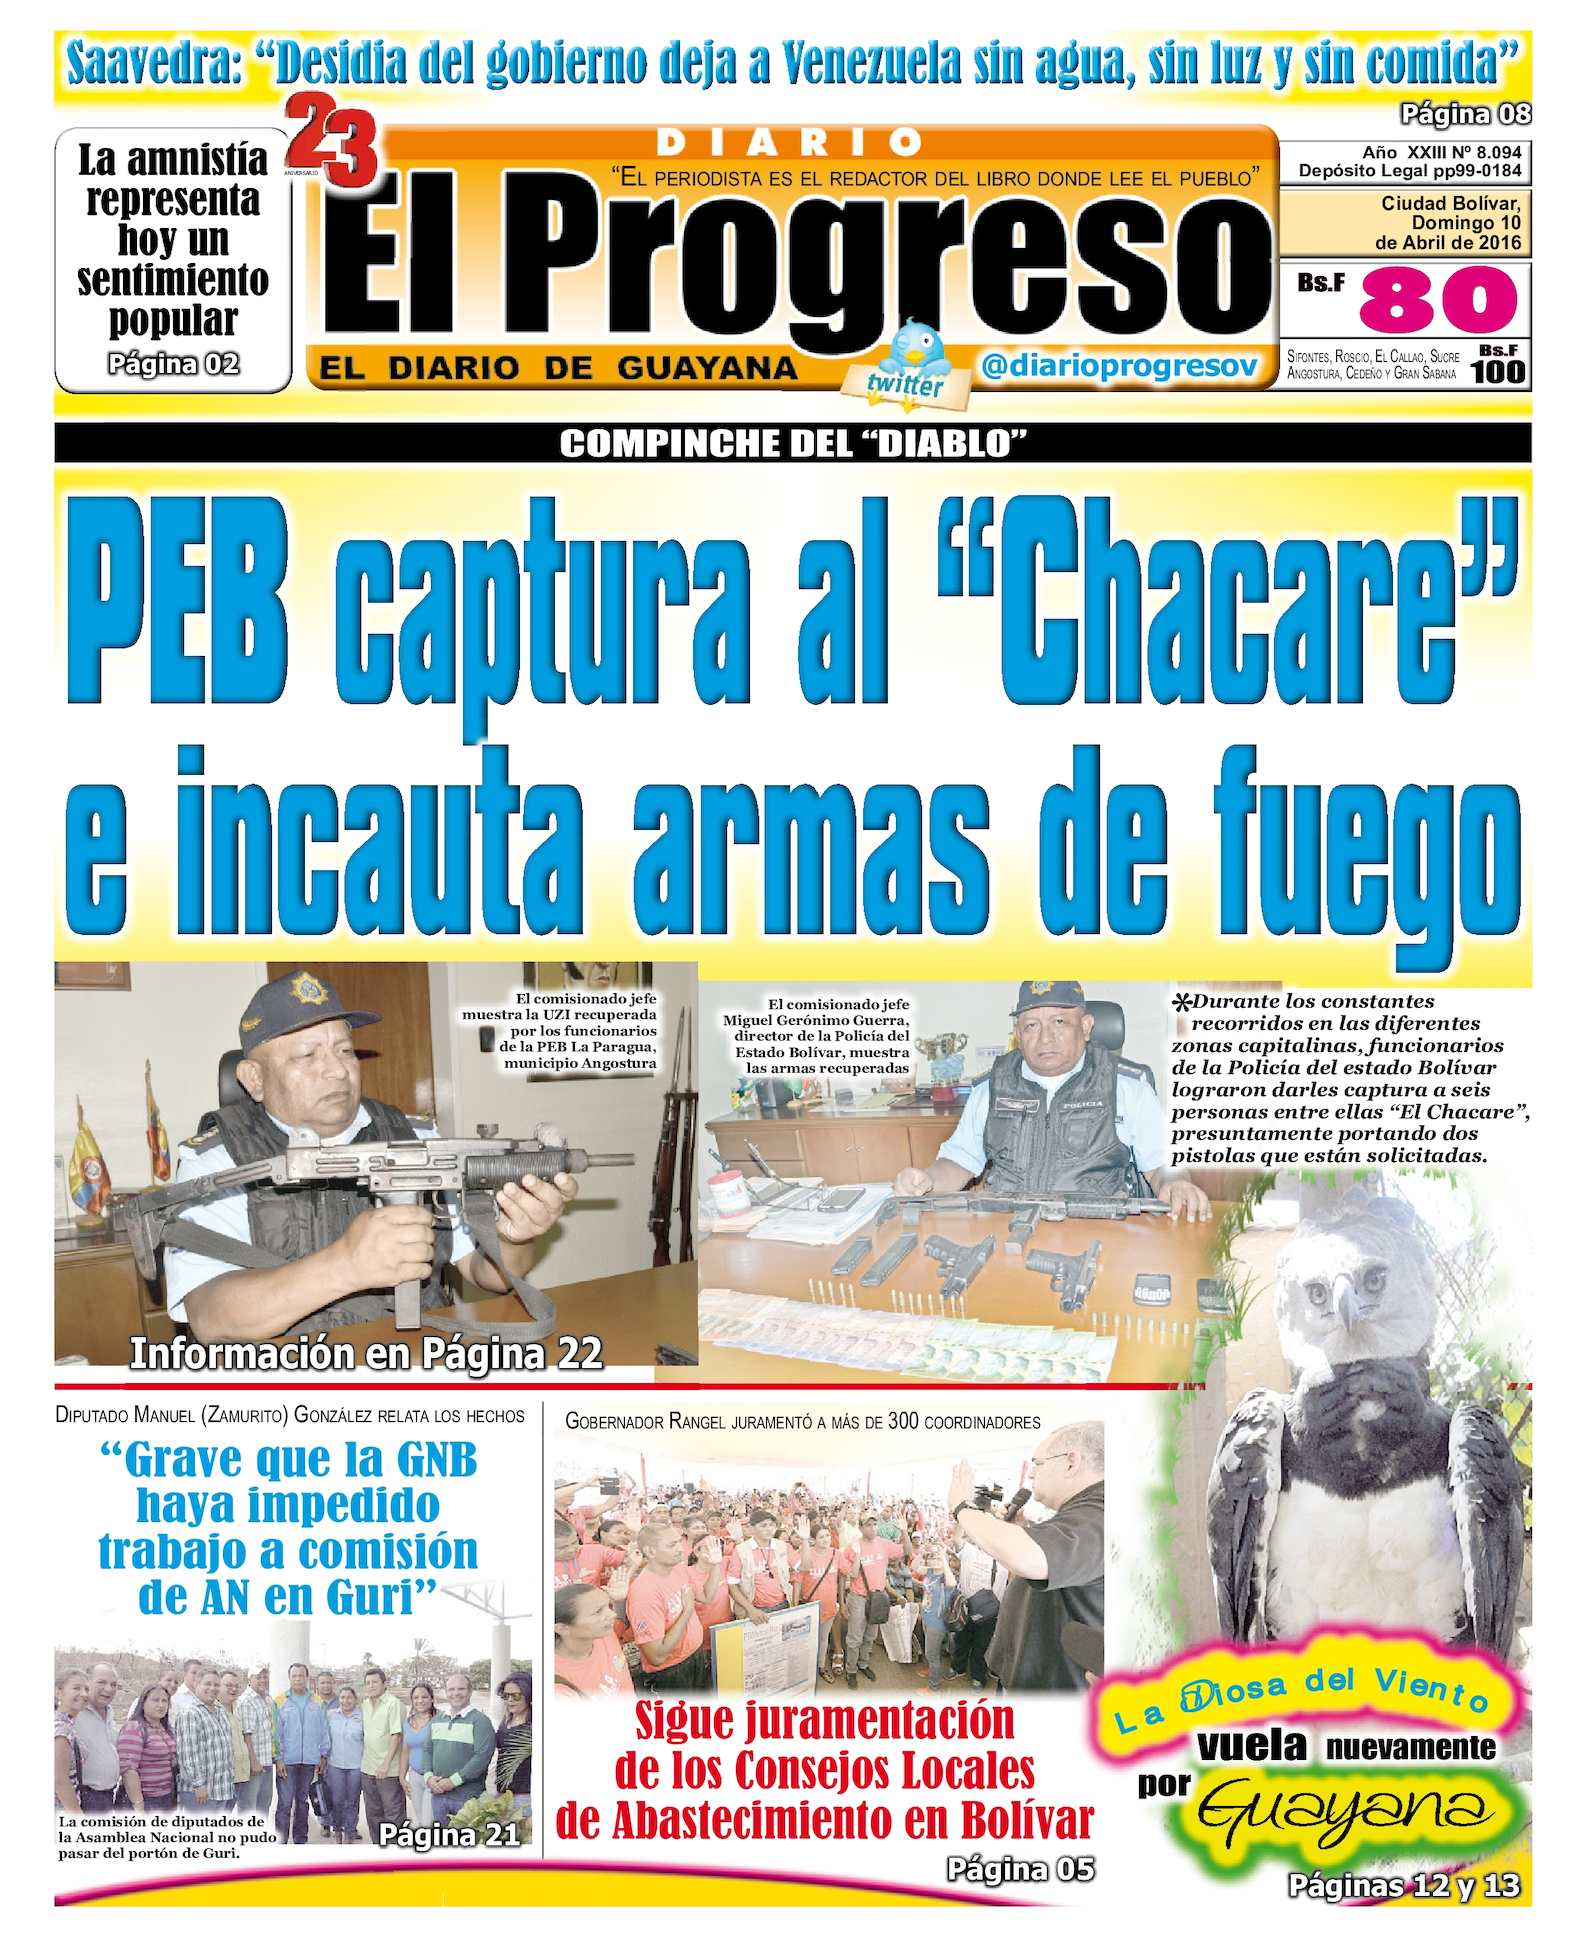 Calaméo - DiarioelprogresoEDICIÓNDIGITAL 10-04-2016